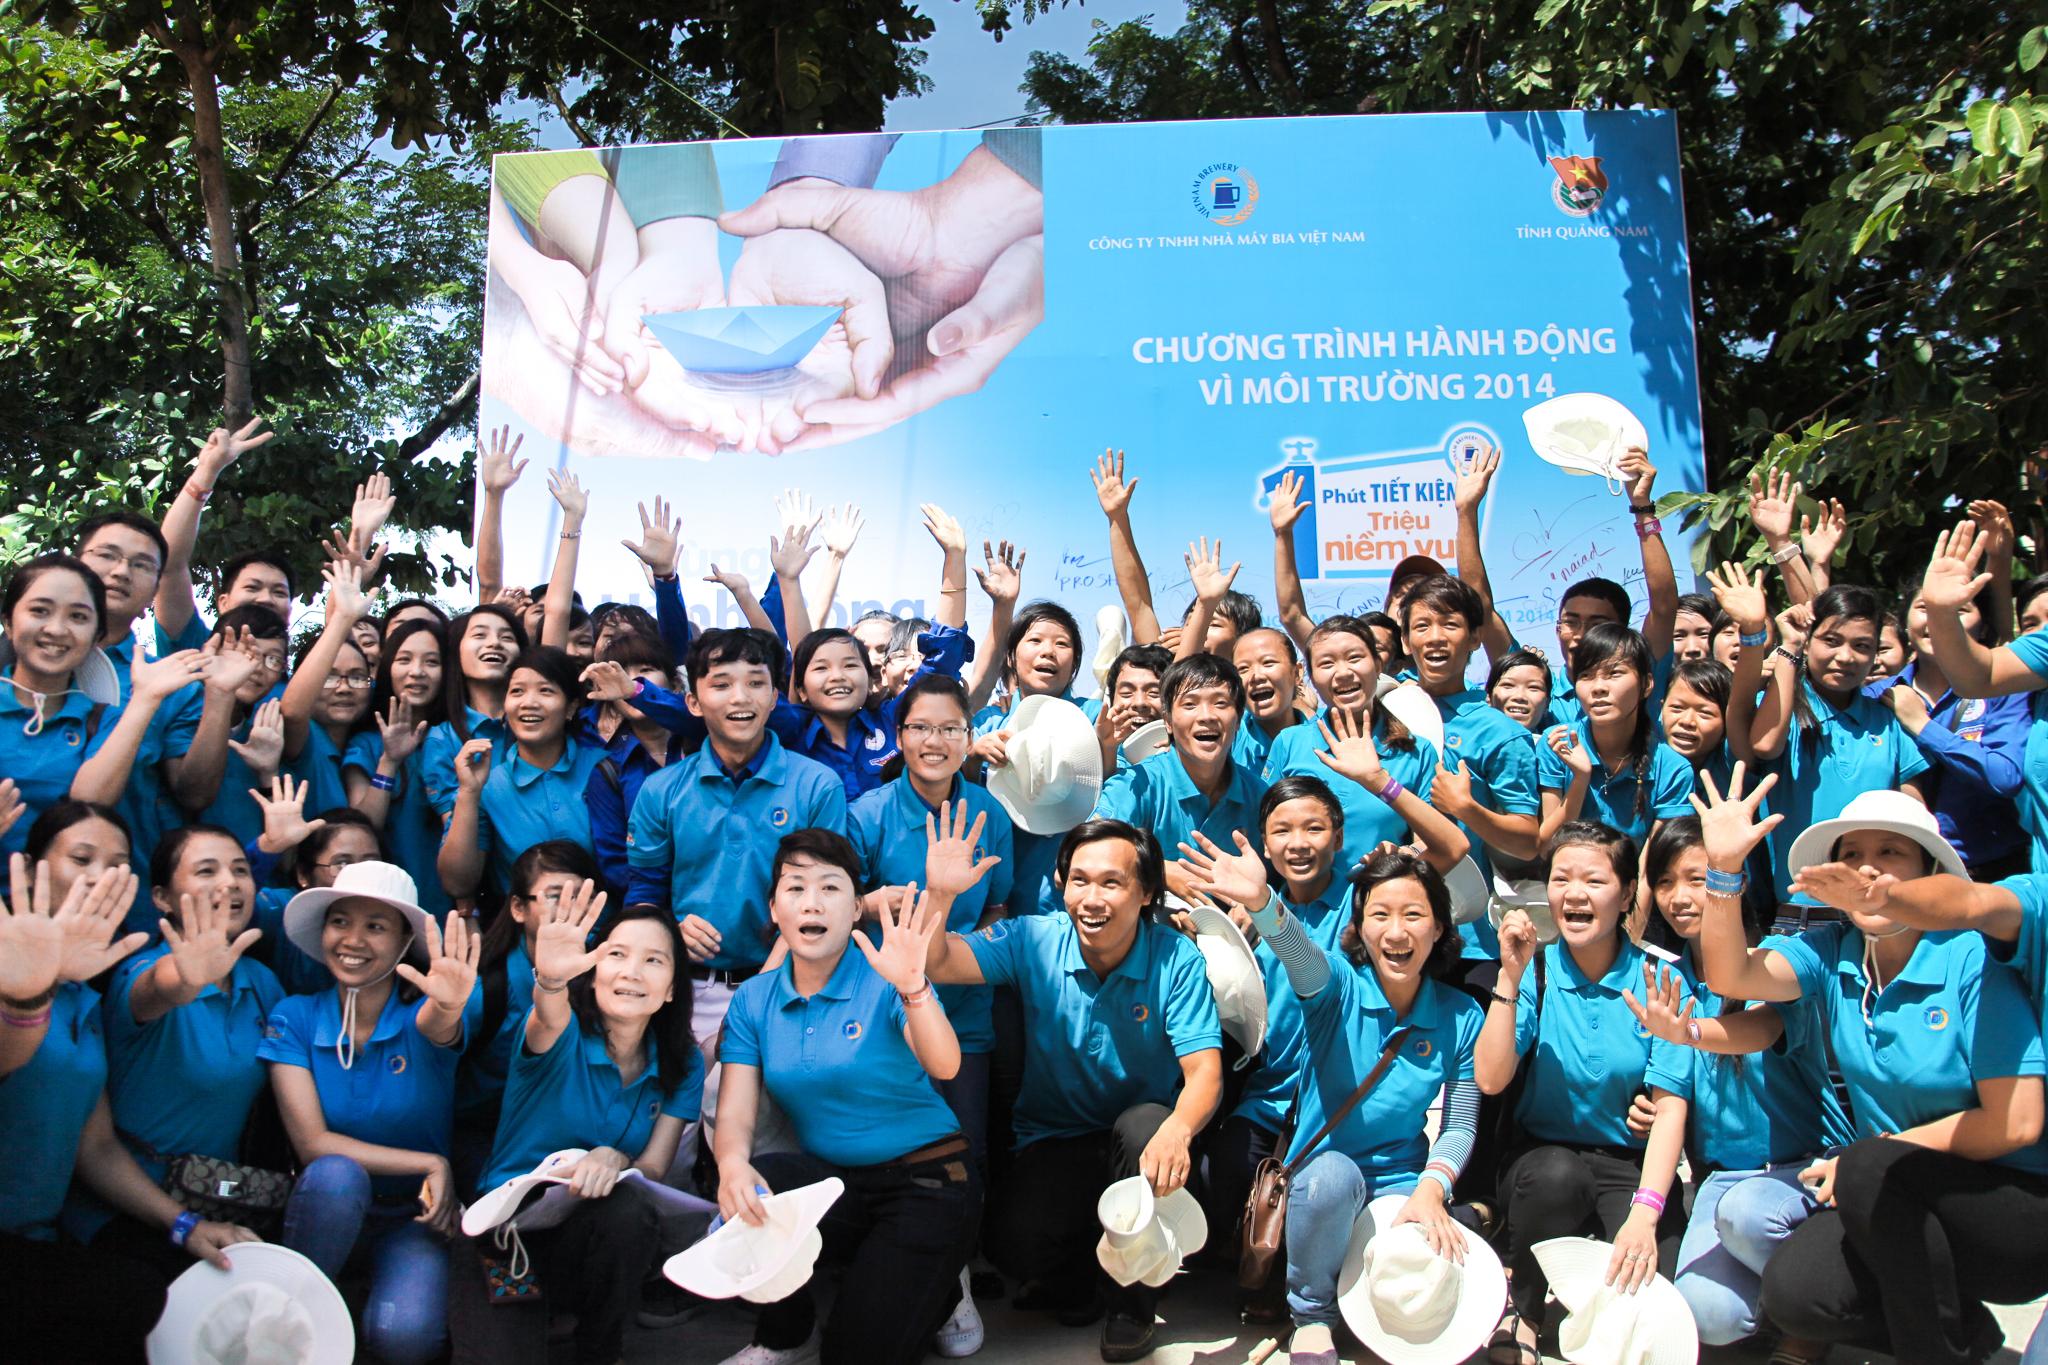 Quảng Nam cùng hành động vì triệu niềm vui nước sạch